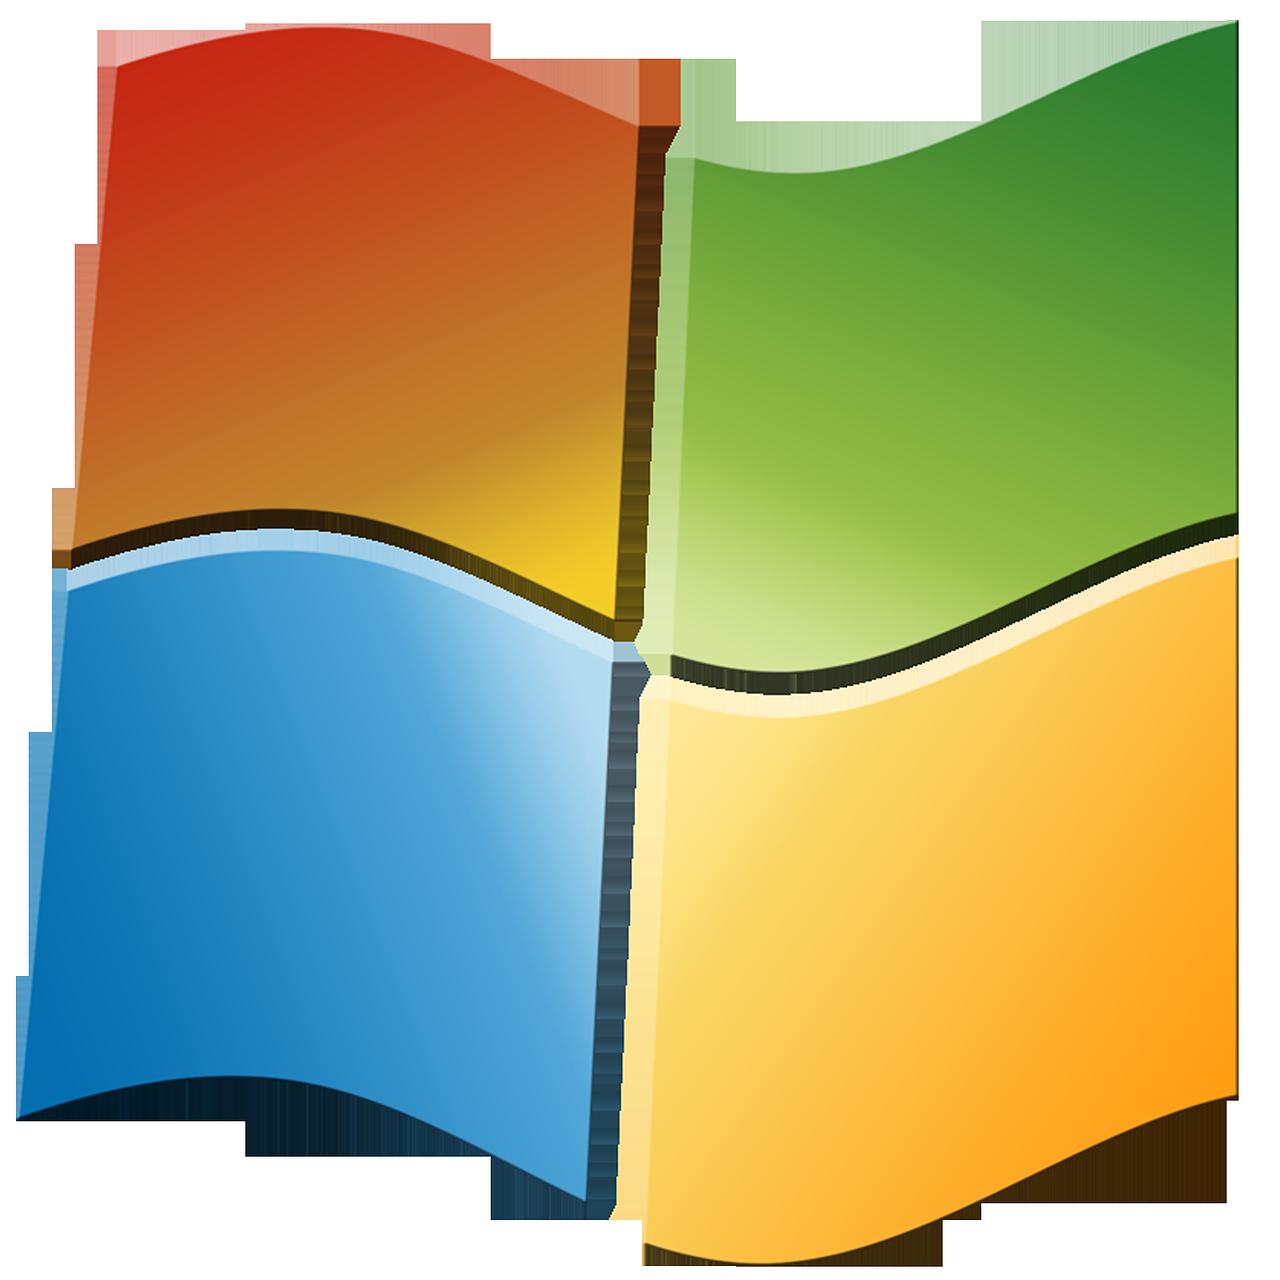 Ako spustiť/vypnúť núdzový režim na Windows